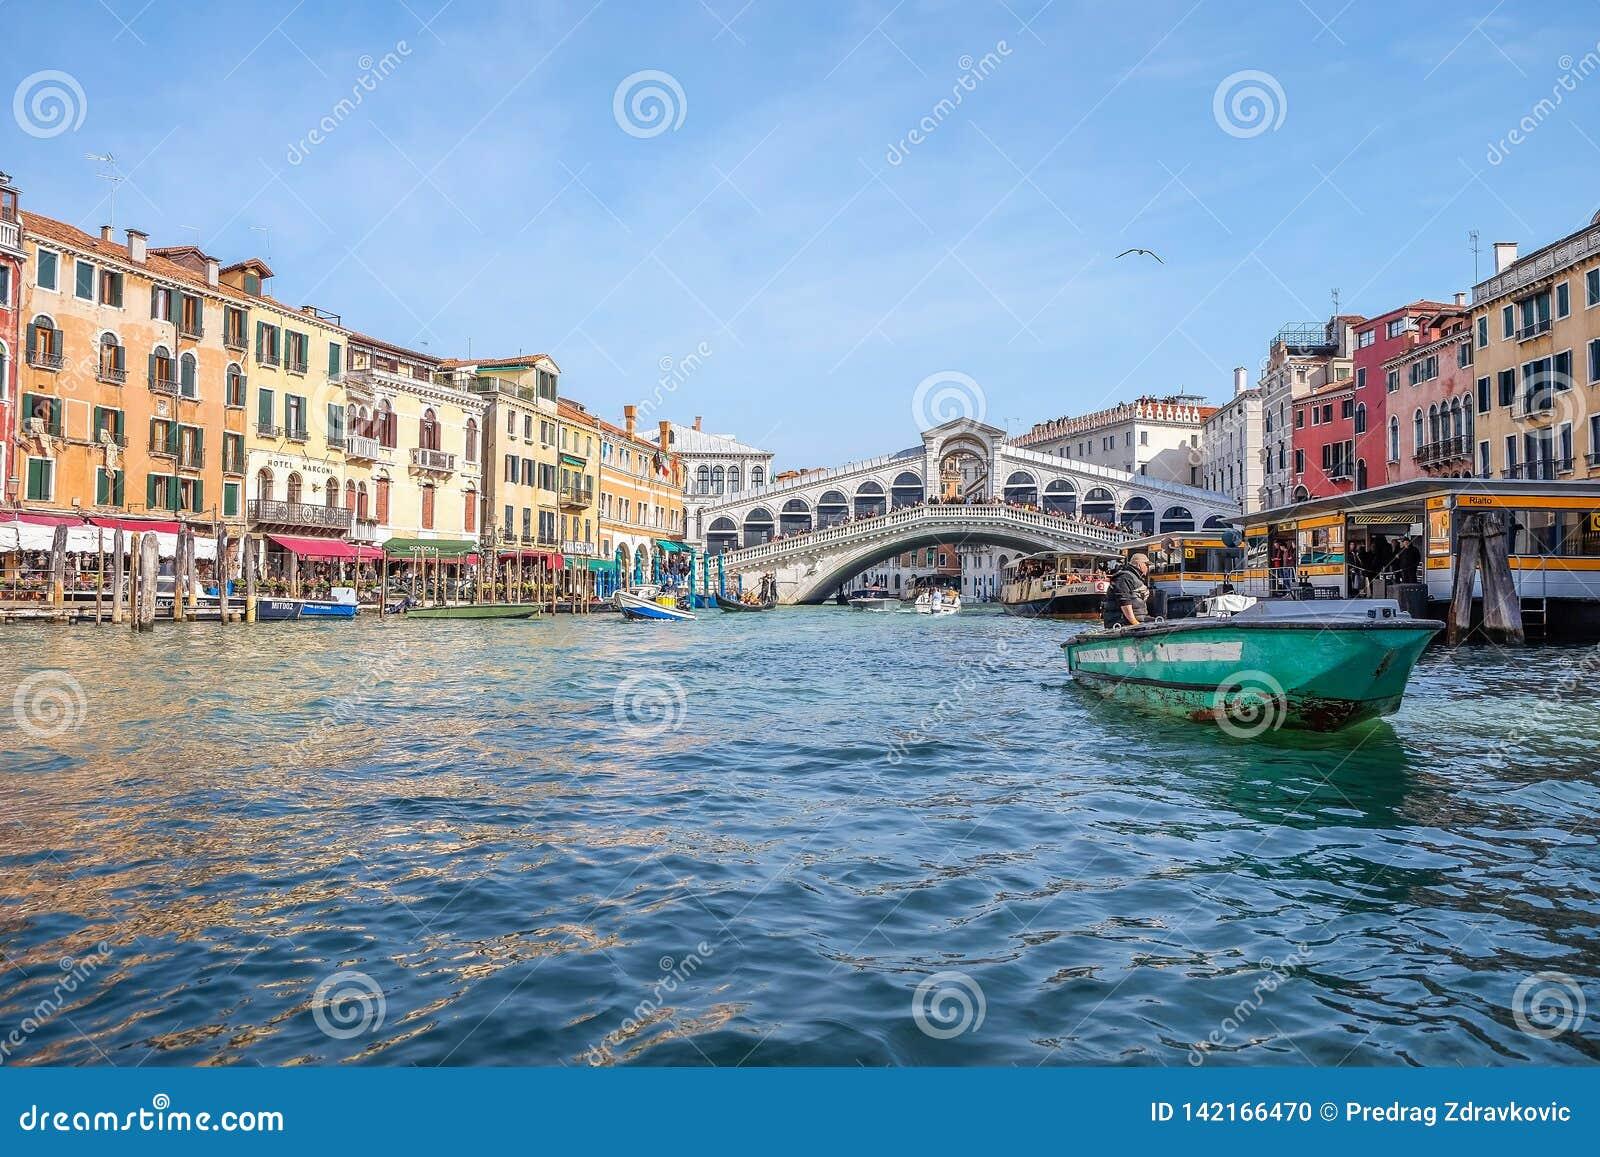 Венеция Италия популярное туристское назначение